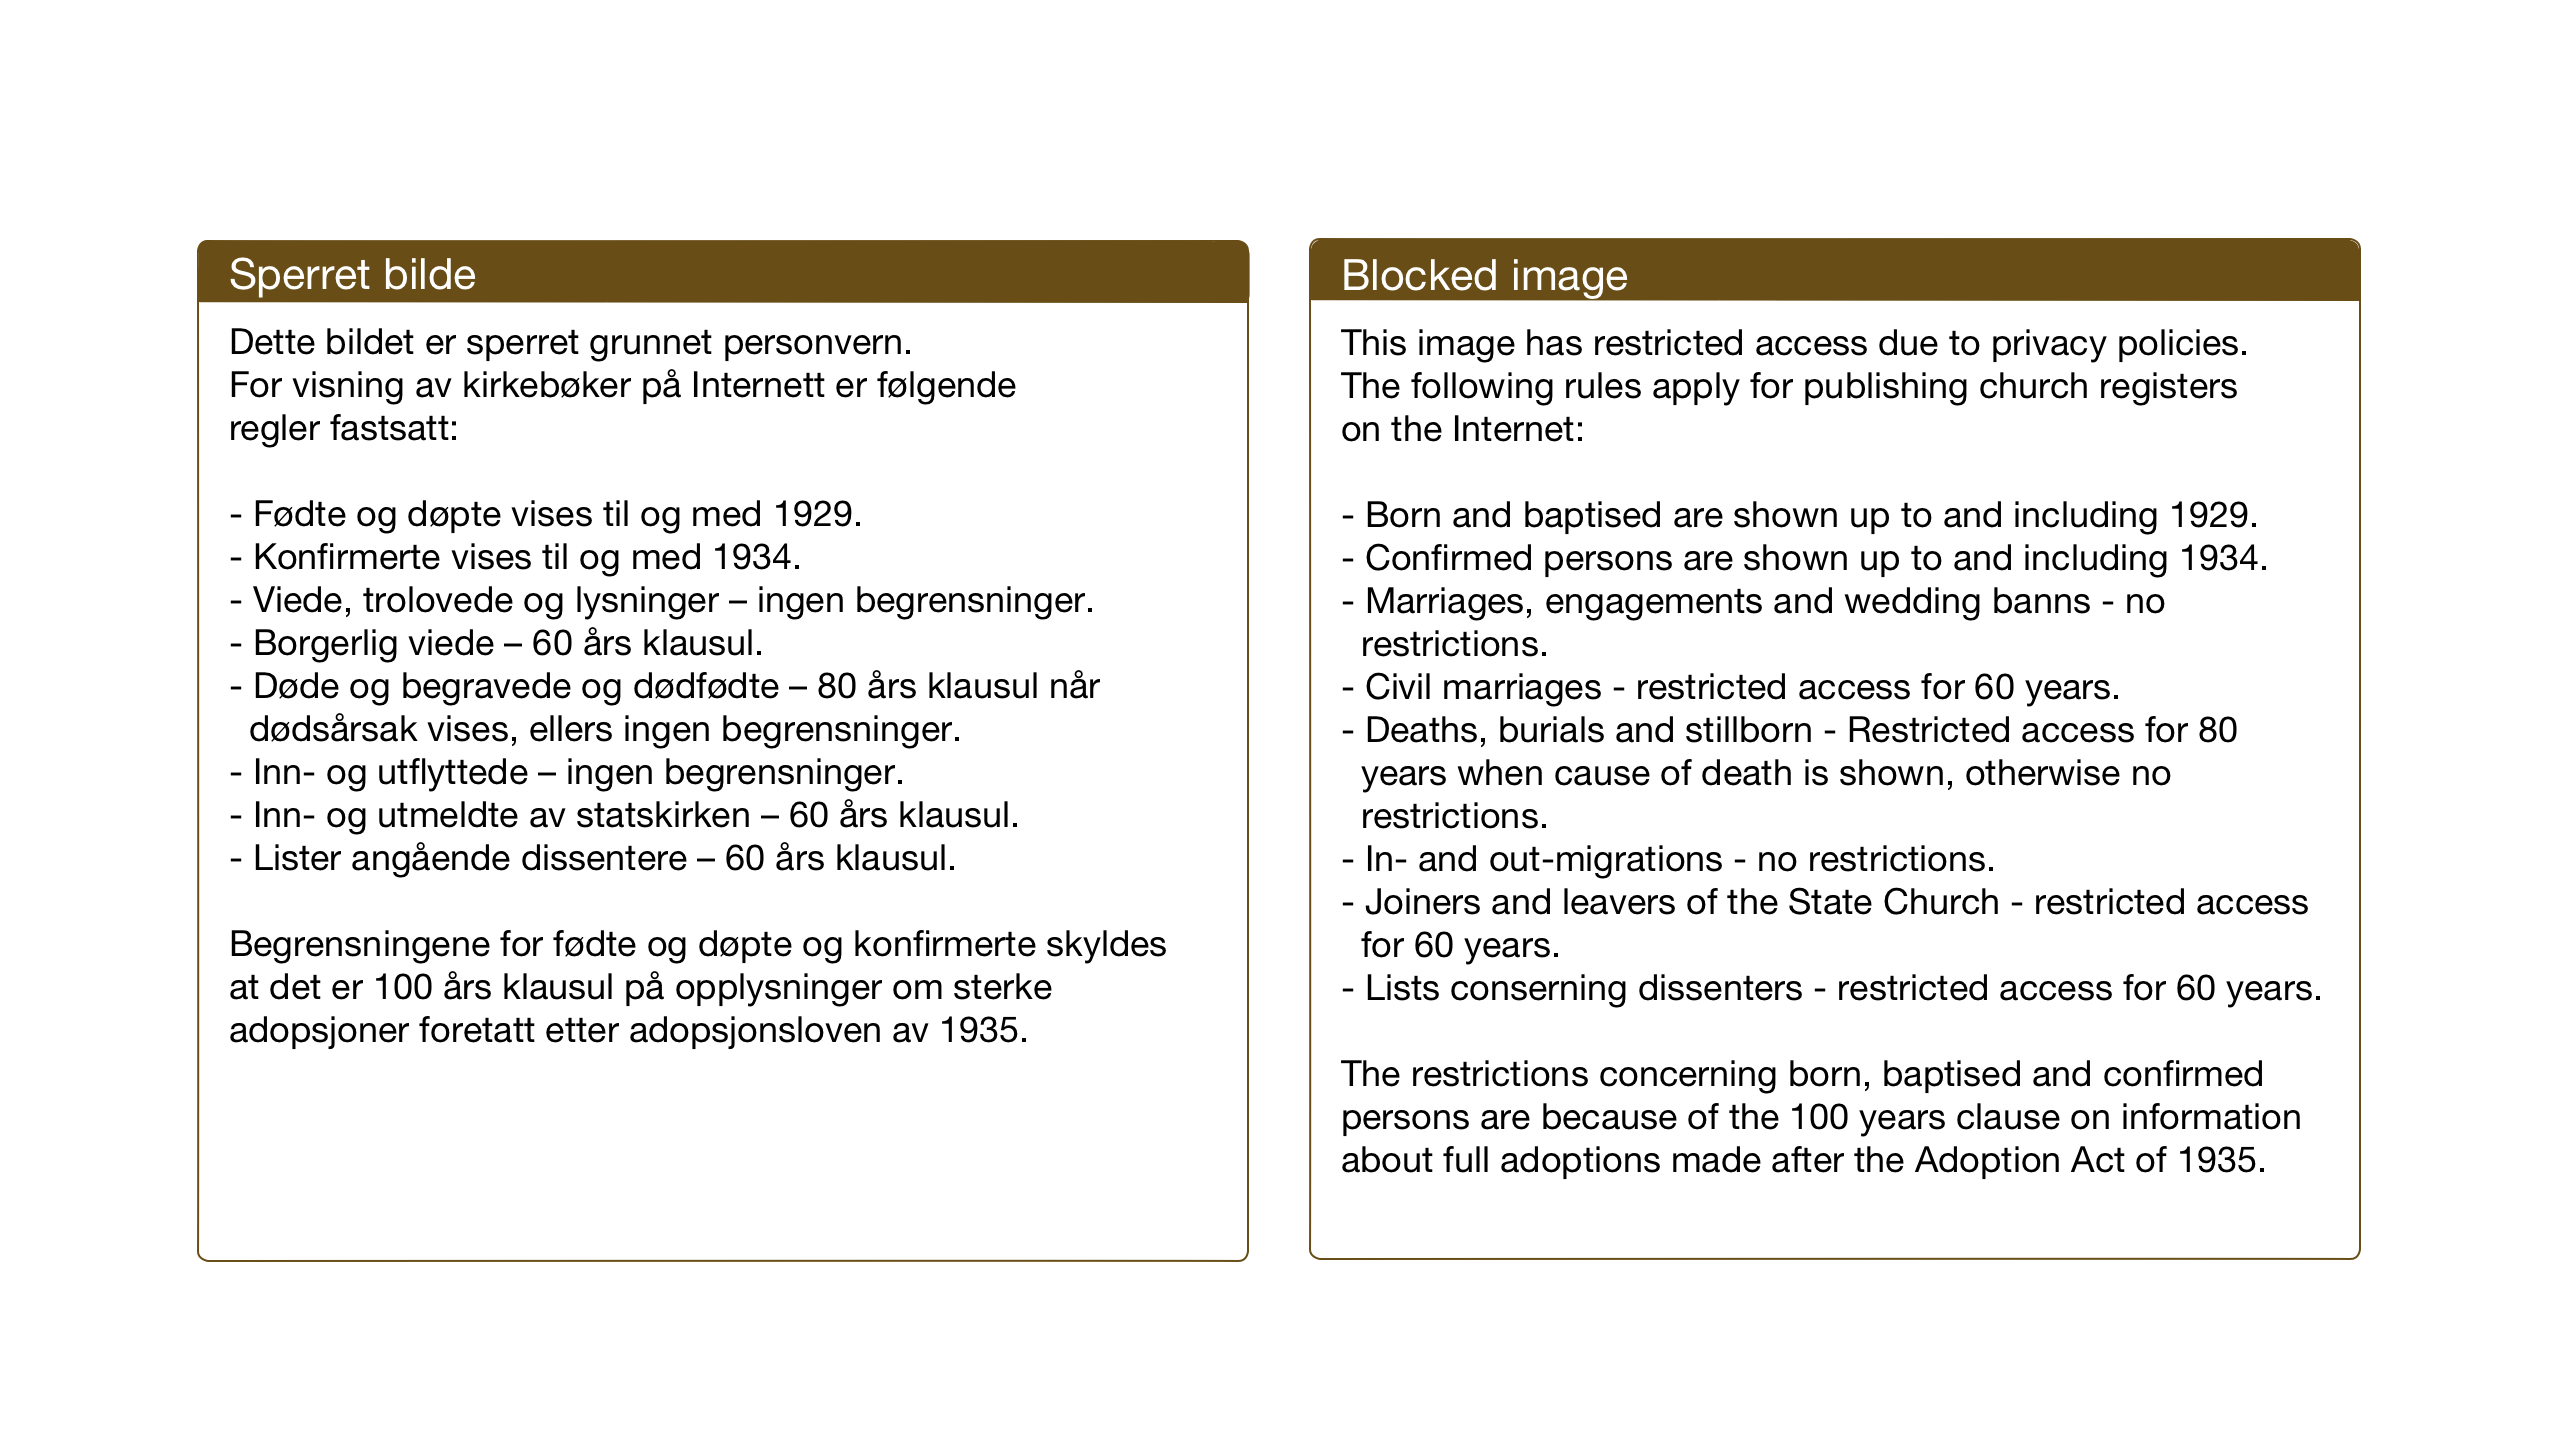 SAT, Ministerialprotokoller, klokkerbøker og fødselsregistre - Sør-Trøndelag, 637/L0564: Klokkerbok nr. 637C05, 1928-1968, s. 130